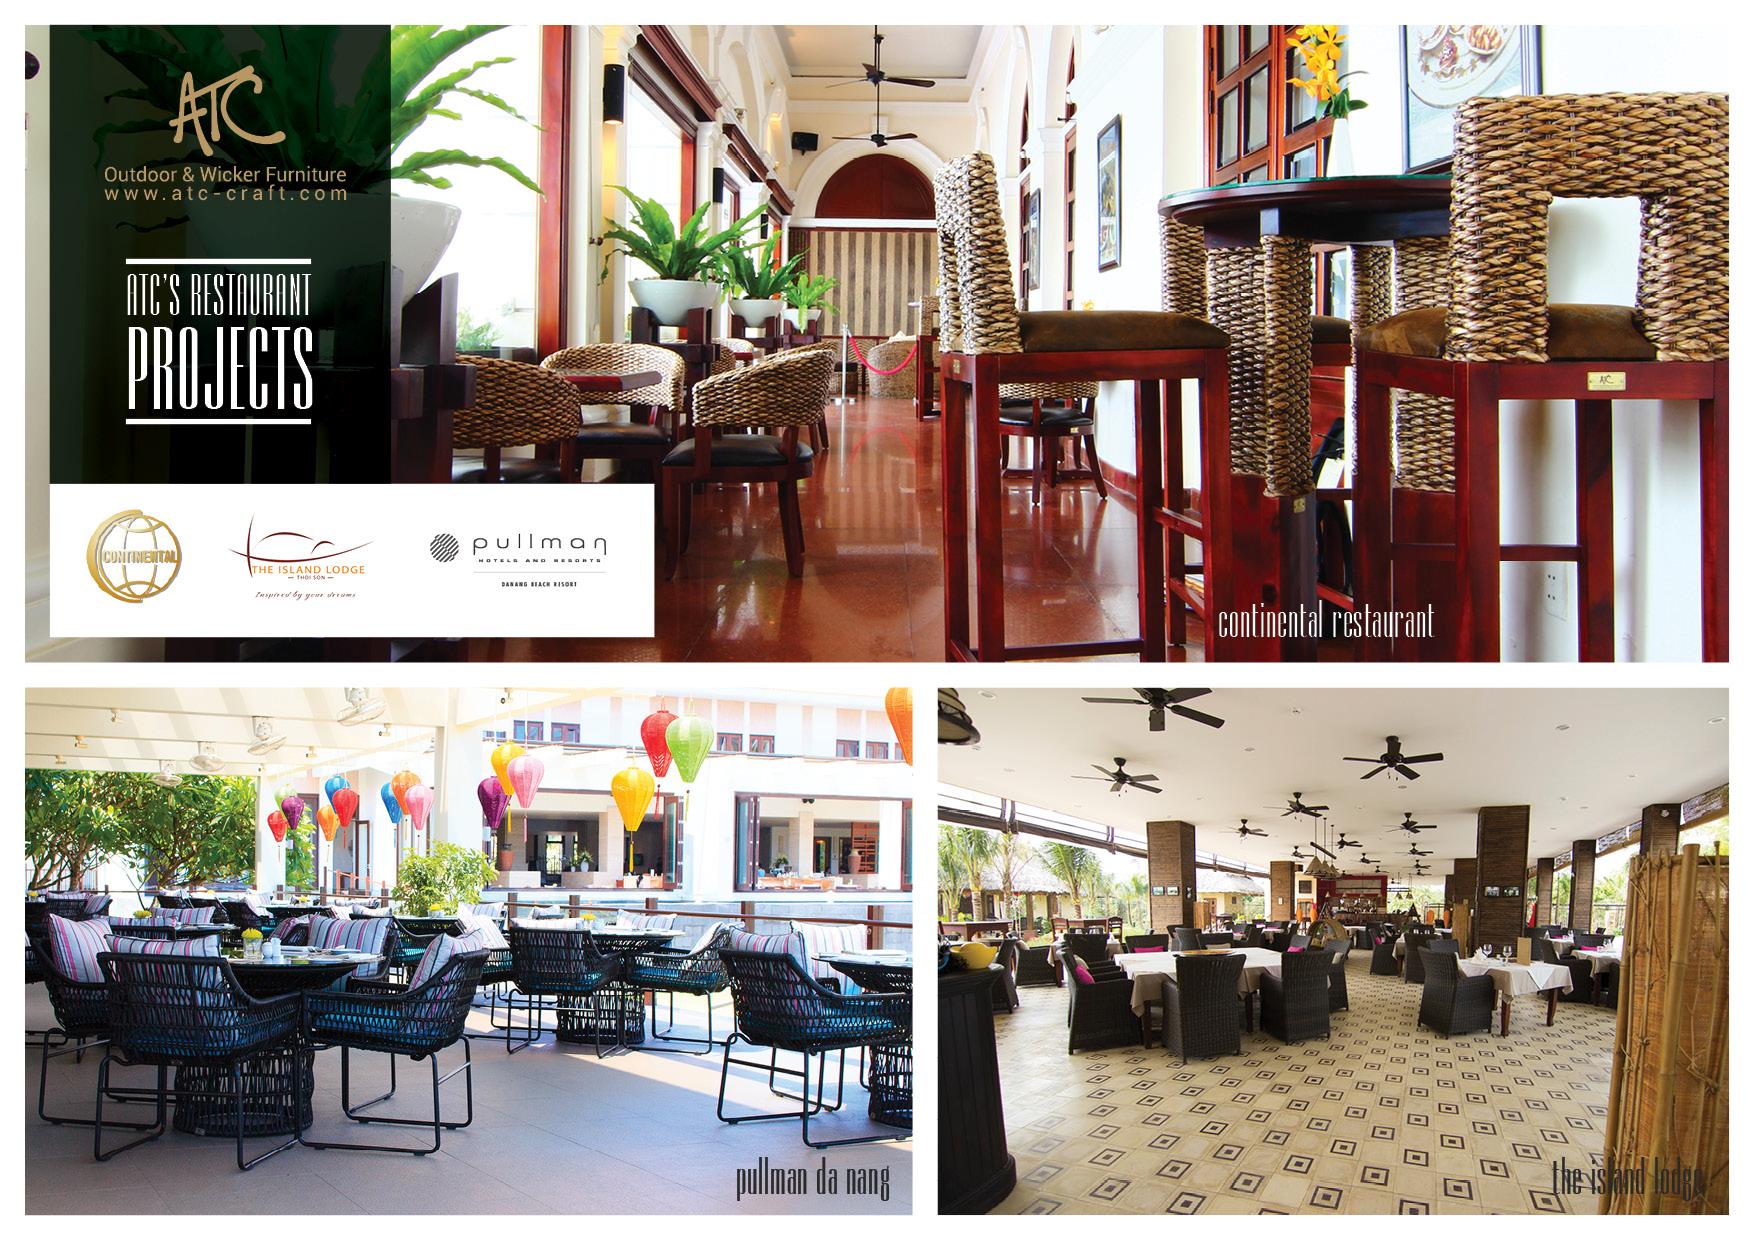 ATC Furniture, nơi cung cấp ngoại thất, thội thất nhà hàng, quán ăn chất lượng, uy tín